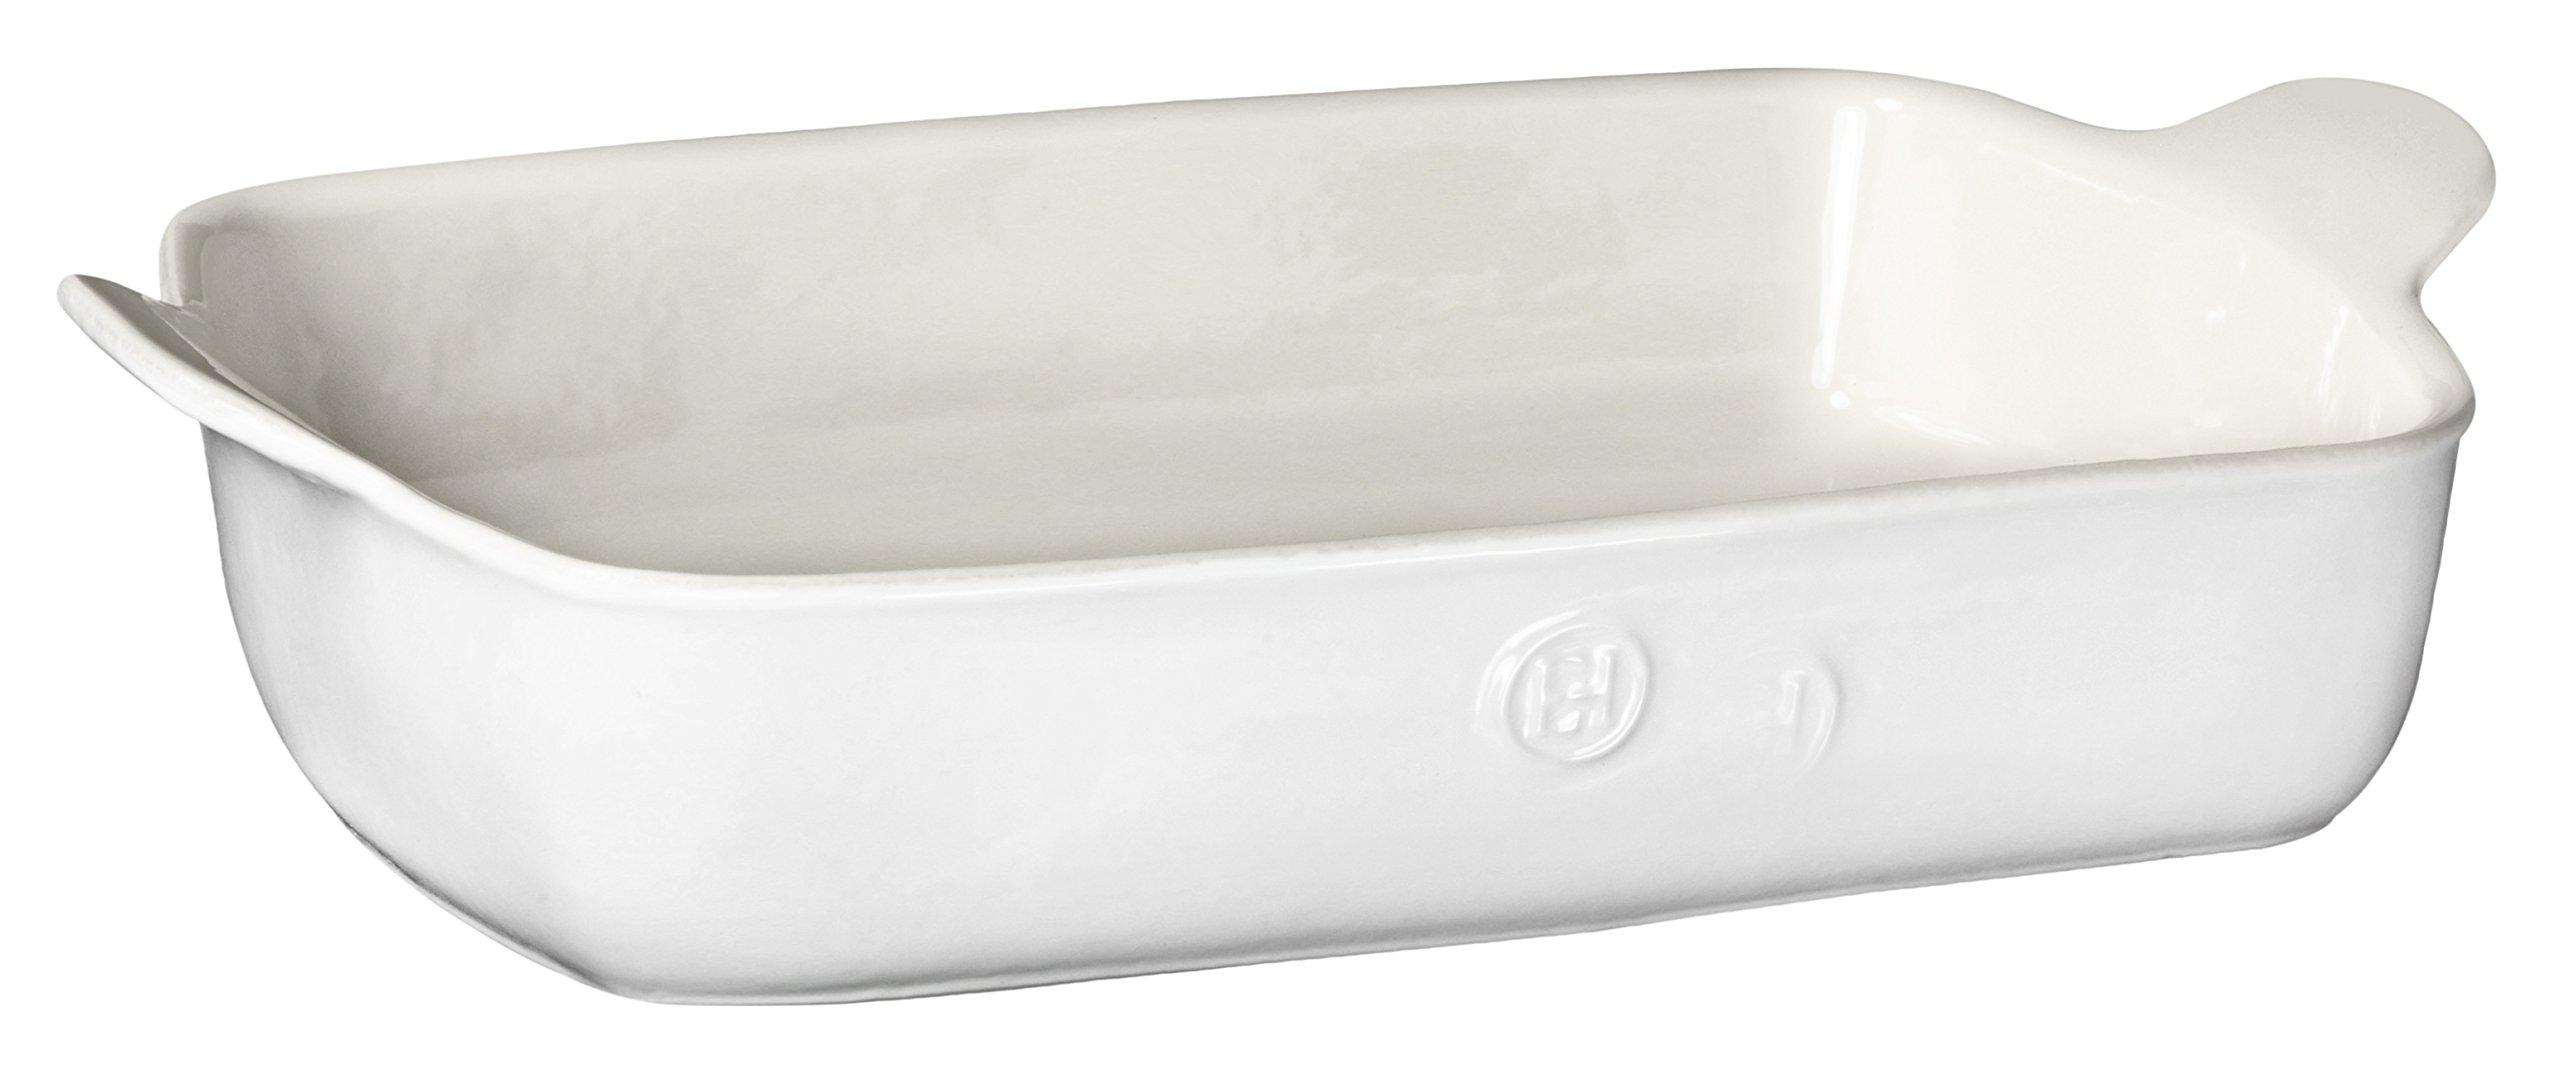 Emile Henry Made In France HR Modern Classics Large Rectangular Baker, 13 x 9'', White